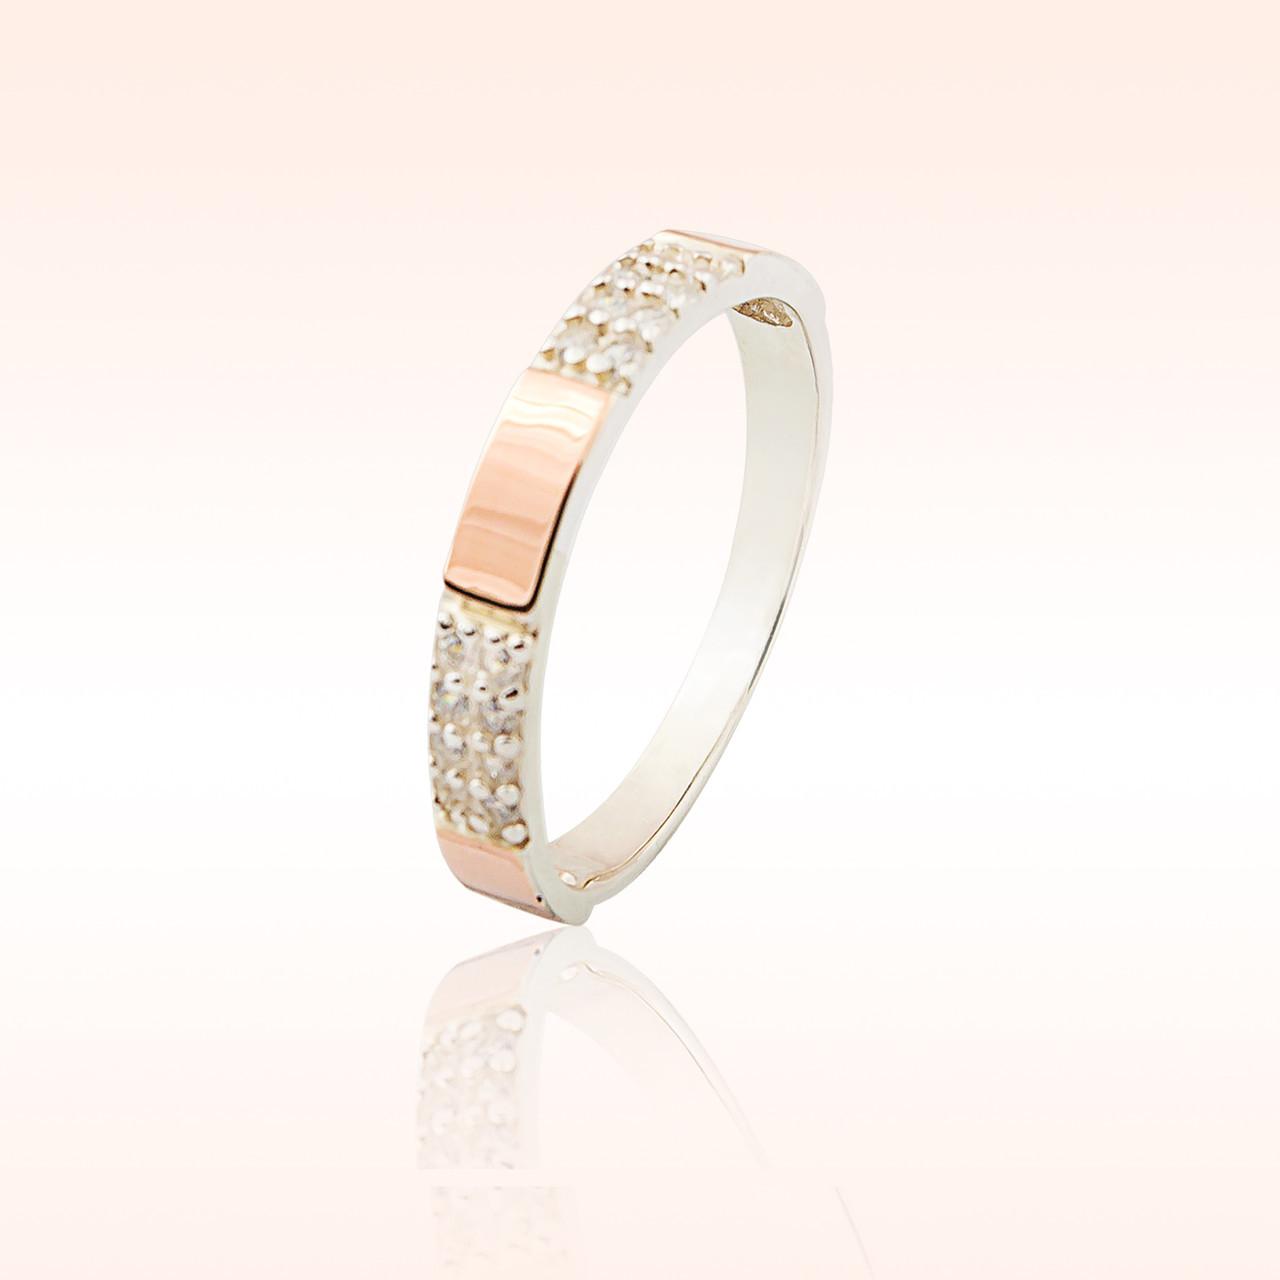 Кольцо серебряное с накладками золота (041к)